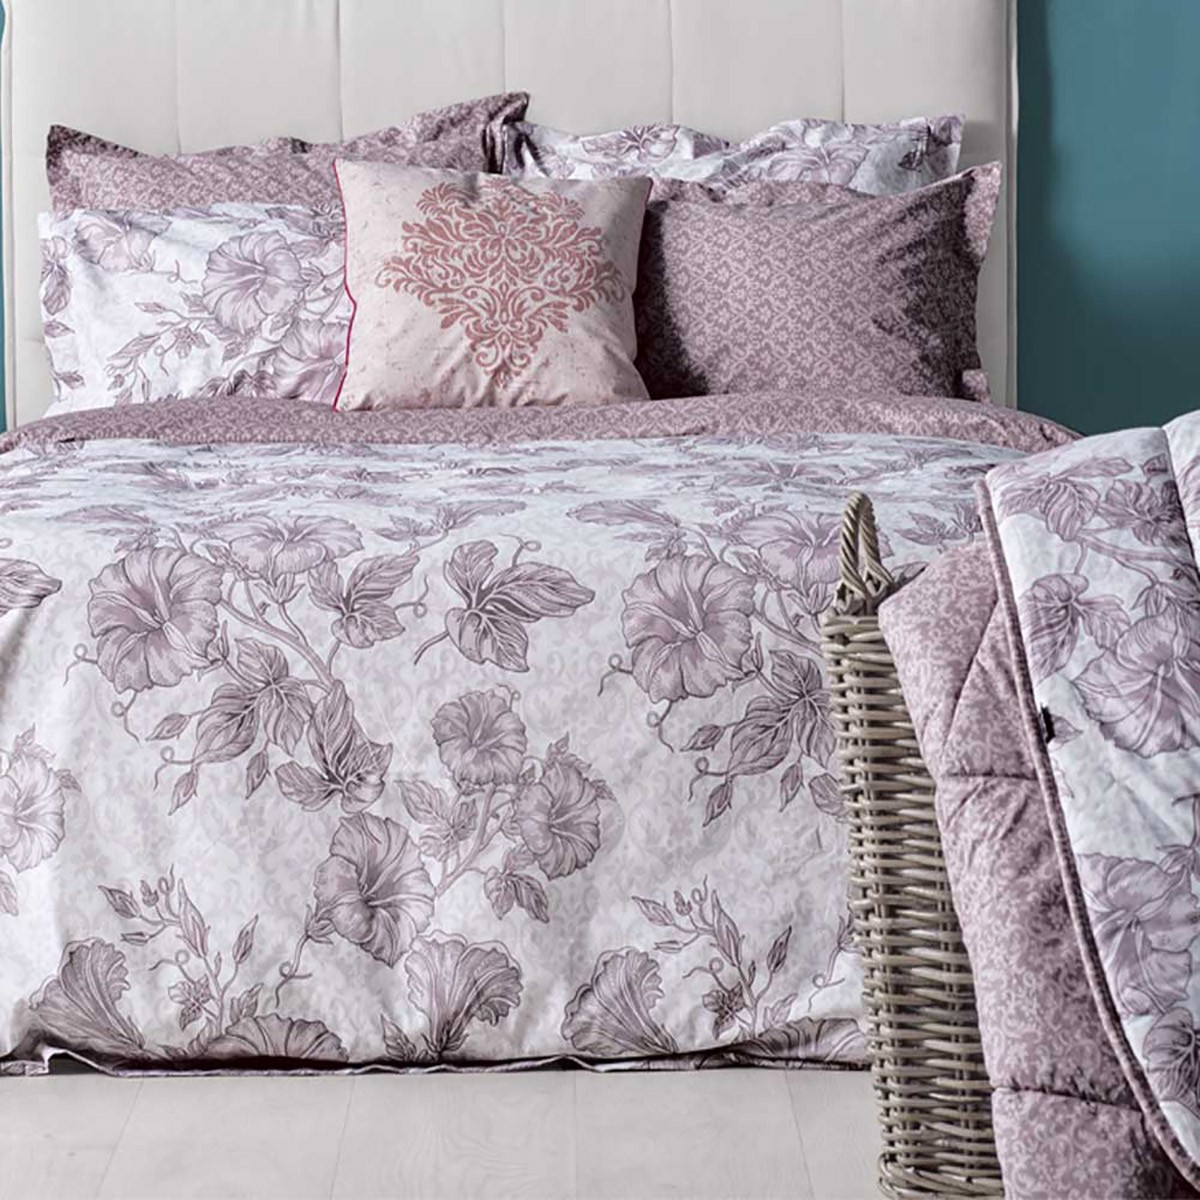 Ζεύγος Μαξιλαροθήκες Oxford Kentia Stylish Amaryllis 20 home   κρεβατοκάμαρα   μαξιλάρια   μαξιλαροθήκες